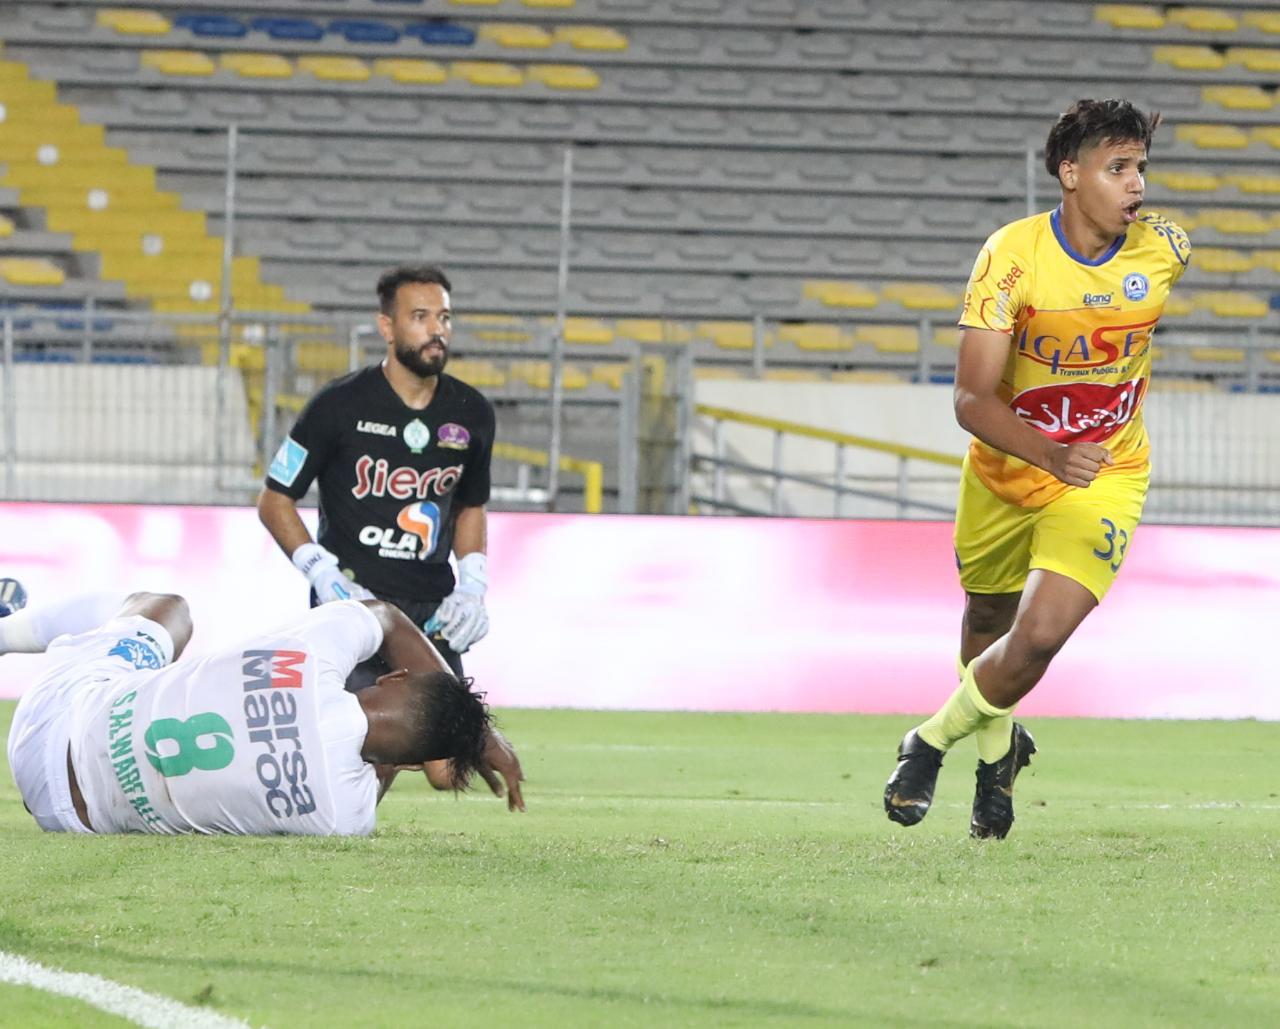 مهاجم نهضة الزمامرة لحسن دهدوه : لا خيار أمامنا سوى الانتصار في مباراة حسنية أكادير